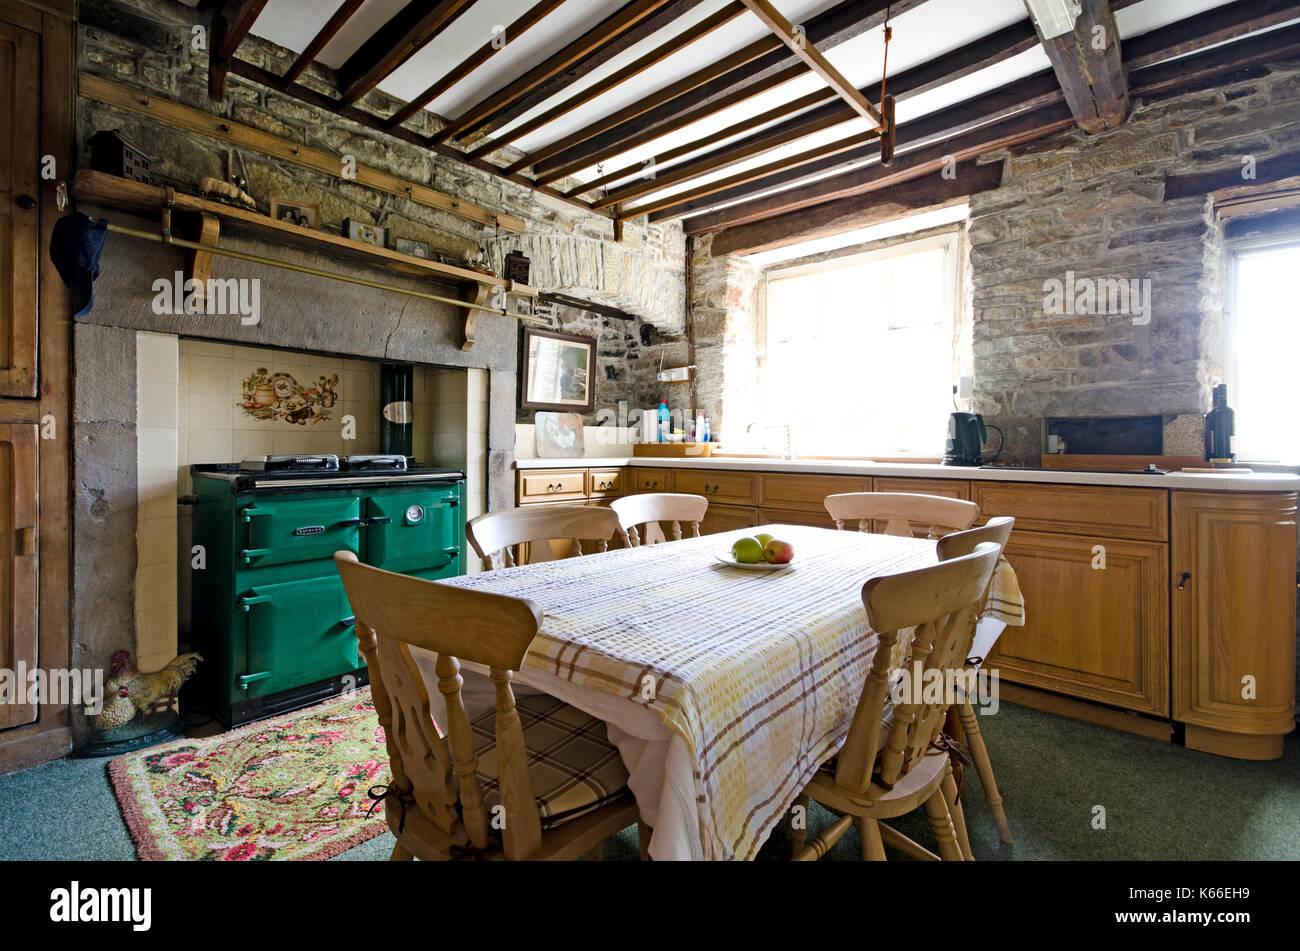 Farmhouse Kitchen Aga Stockfotos & Farmhouse Kitchen Aga Bilder - Alamy